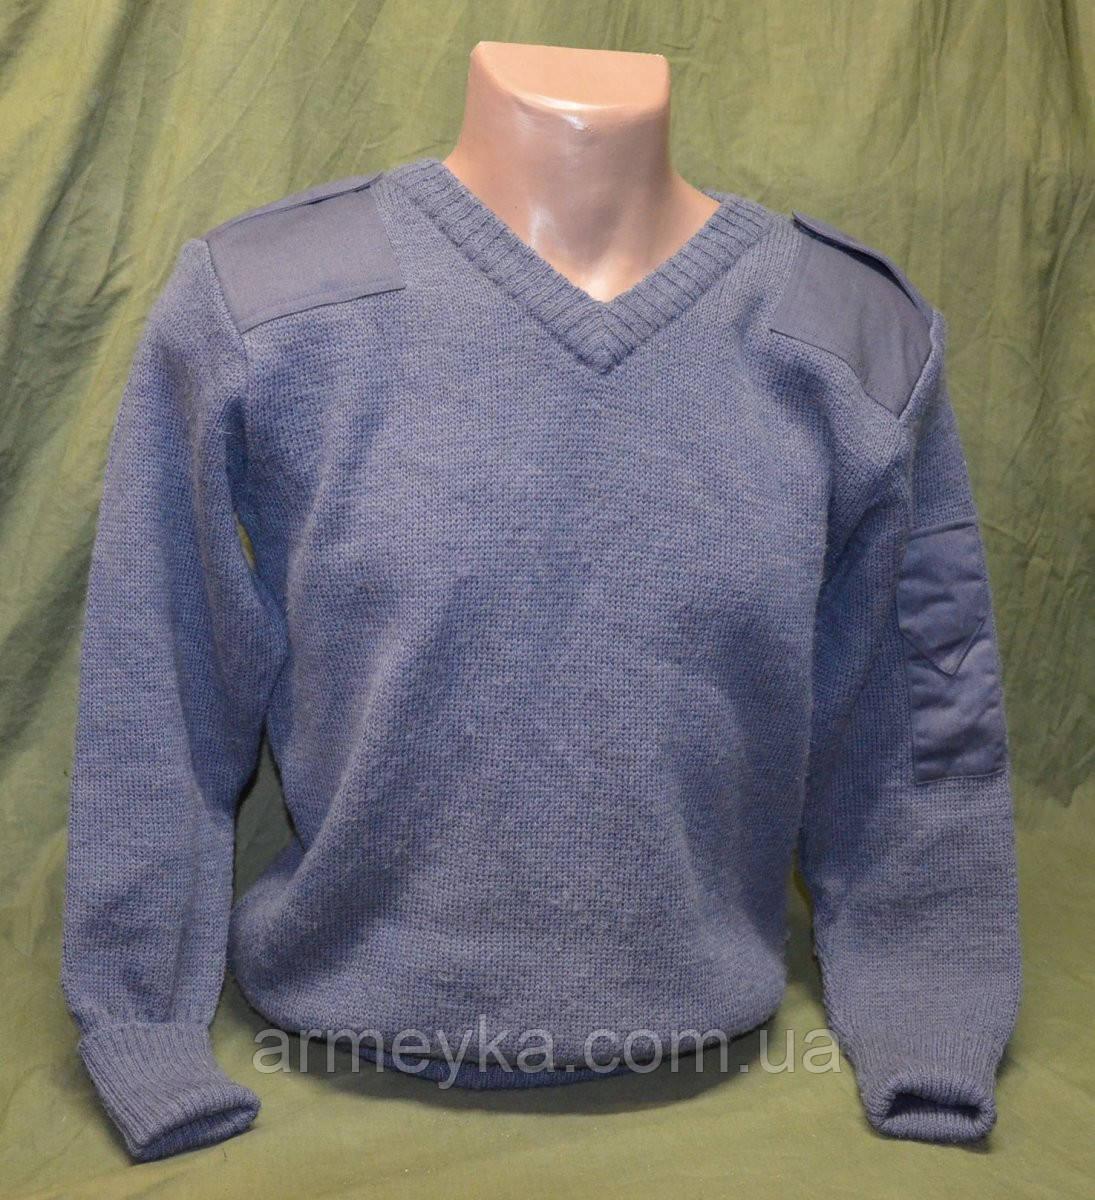 Шерстянные свитера V-ворот Британские ВС (серый), оригинал. Сорт-1